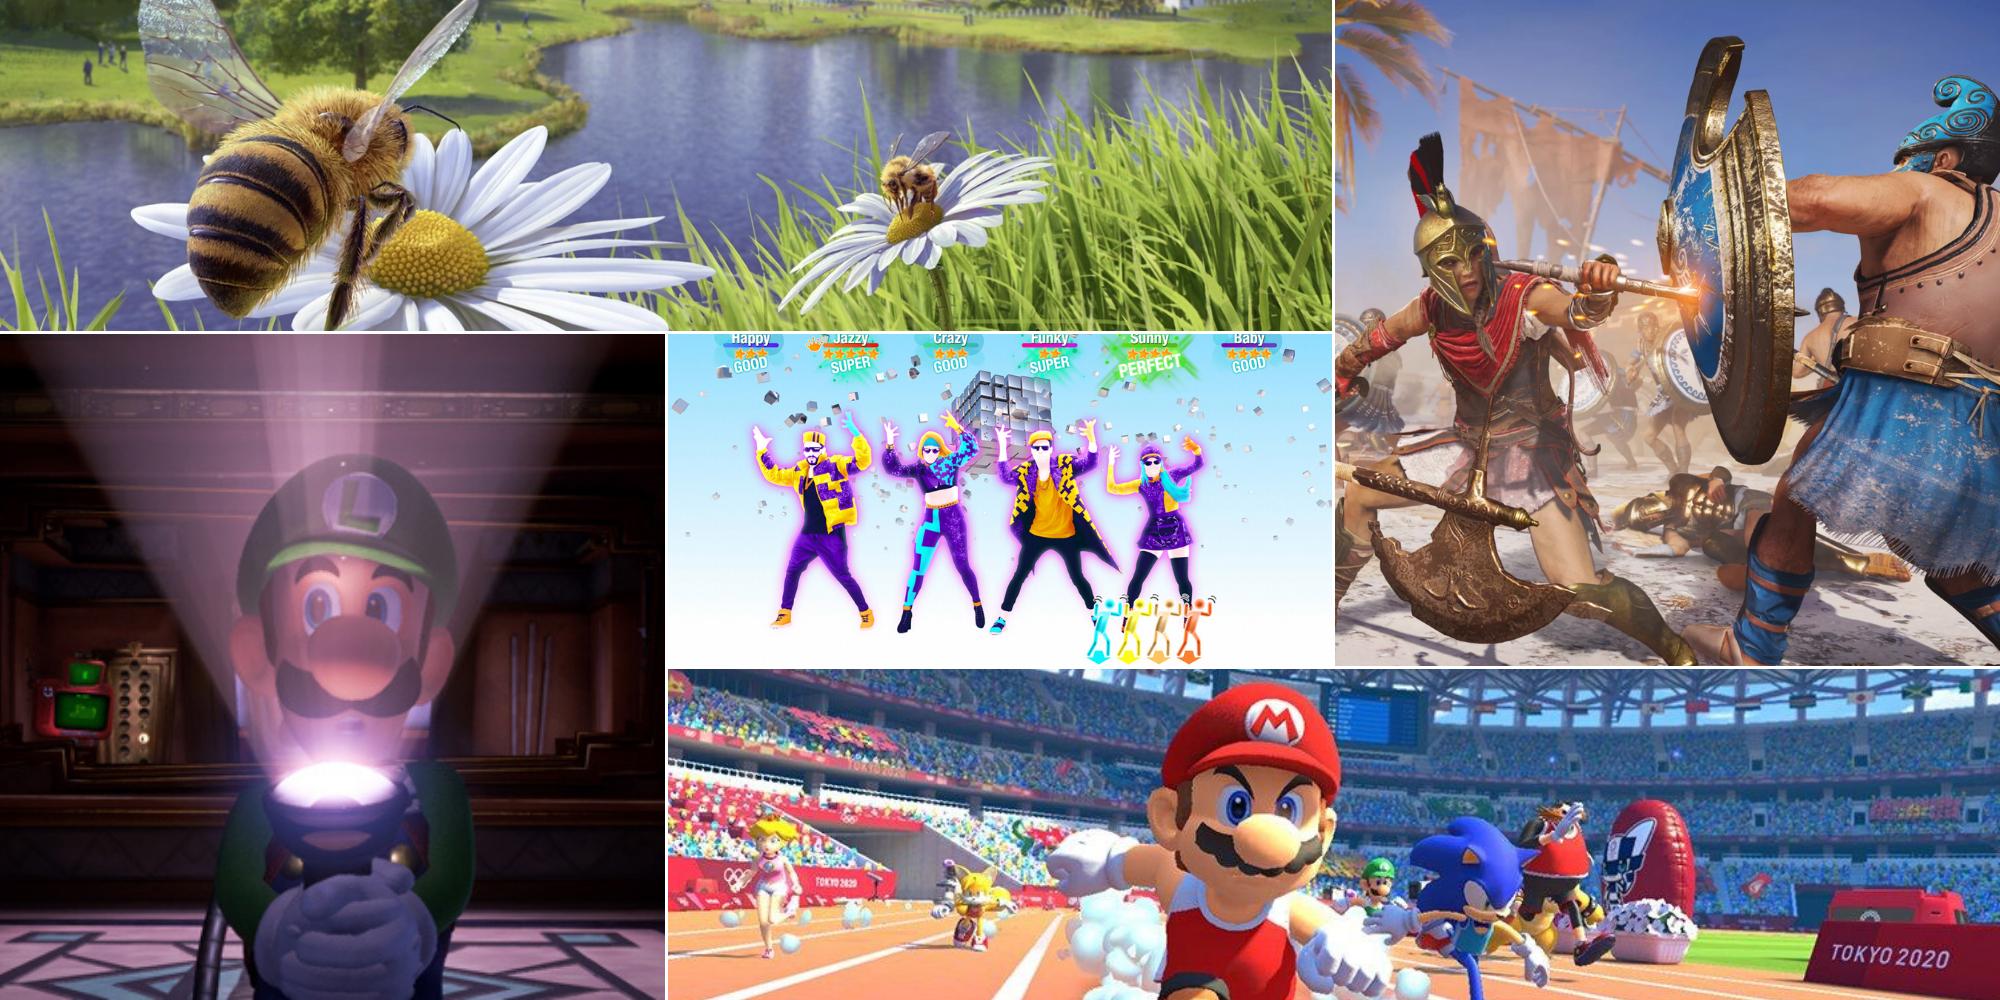 Cinq Jeux Vidéo Pour Jouer En Famille Pendant Le Confinement dedans Jeux Pc Enfant